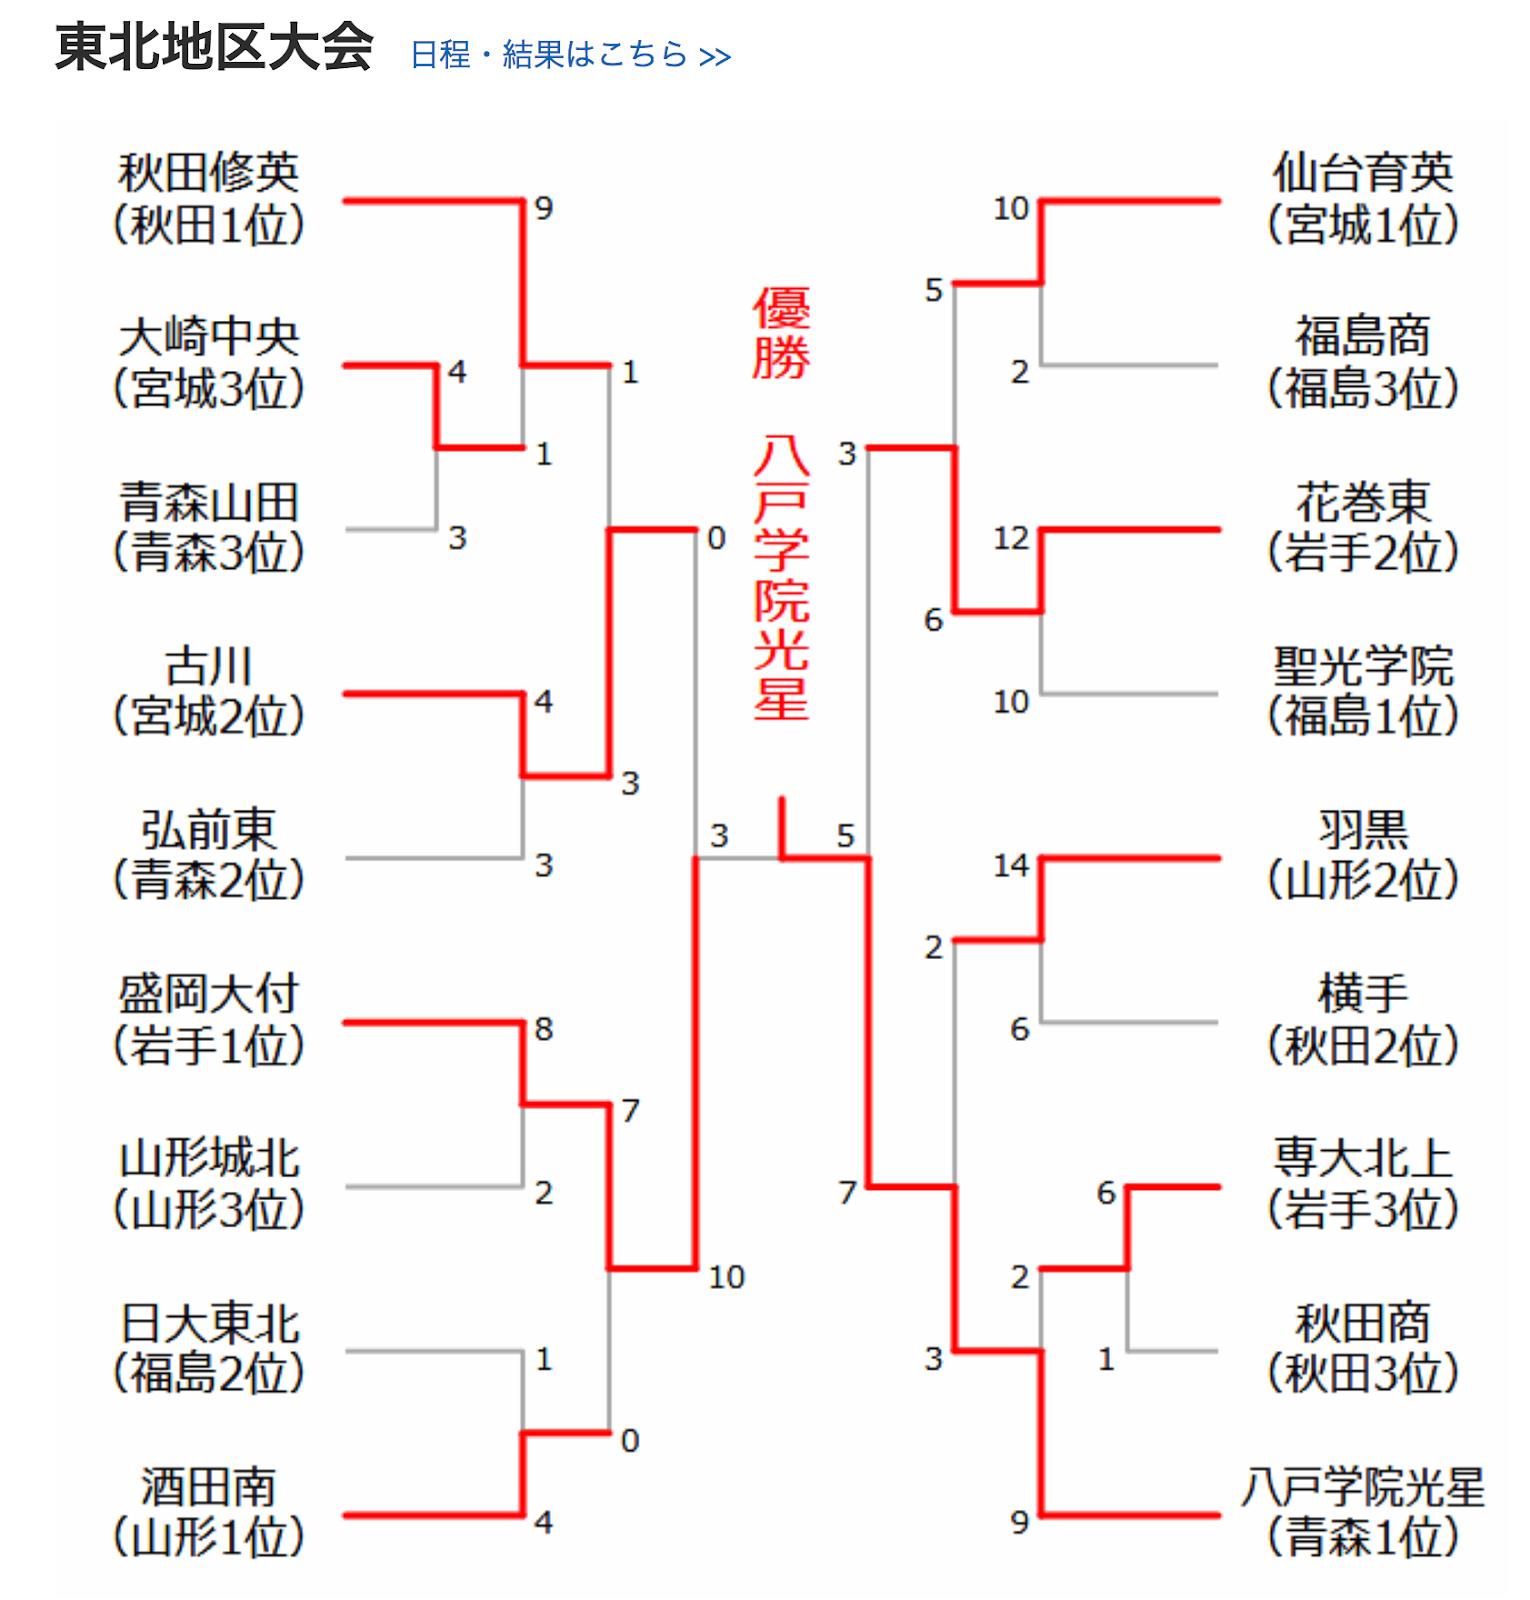 青森 県 高校 野球 秋季 大会